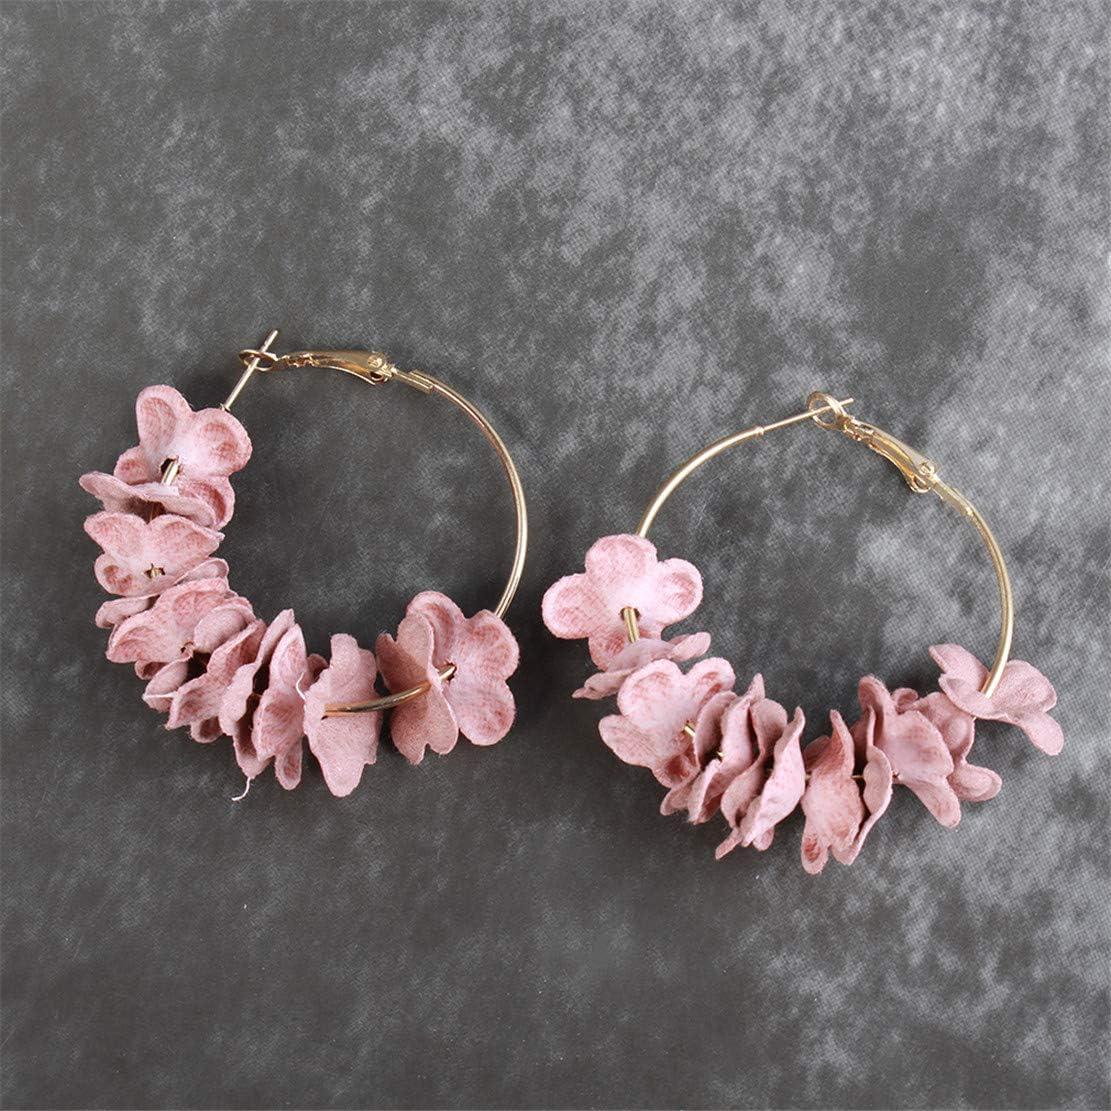 Botreelife Tissu Fleur P/étale Boucles DOreilles Rondes Pour Les Femmes Boh/ème Cercle Hoops Boucle DOreille